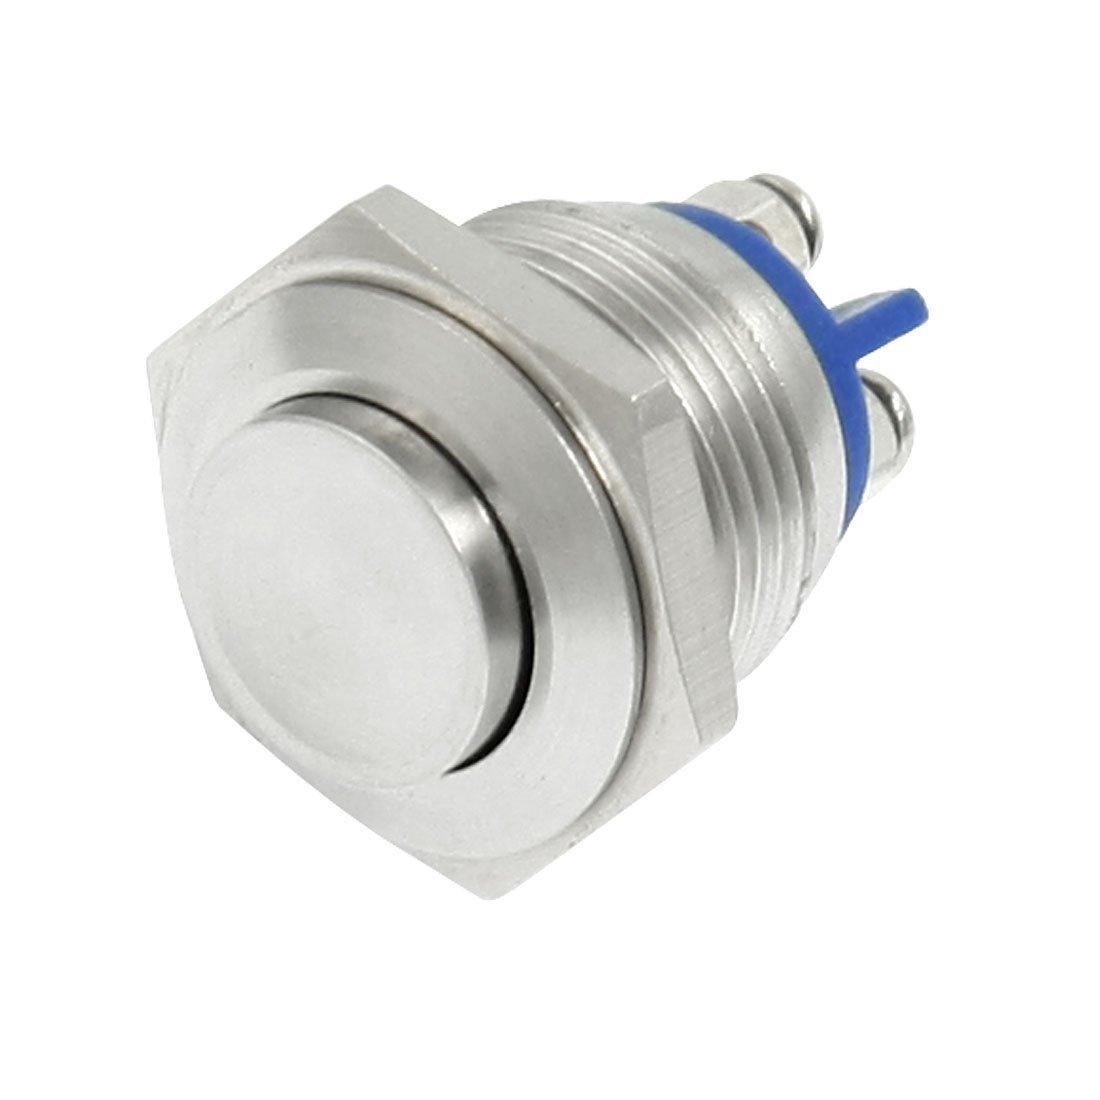 SODIAL(R) 16mm alto redondo Interruptor de boton pulsador de metal momentaneo redondo alto